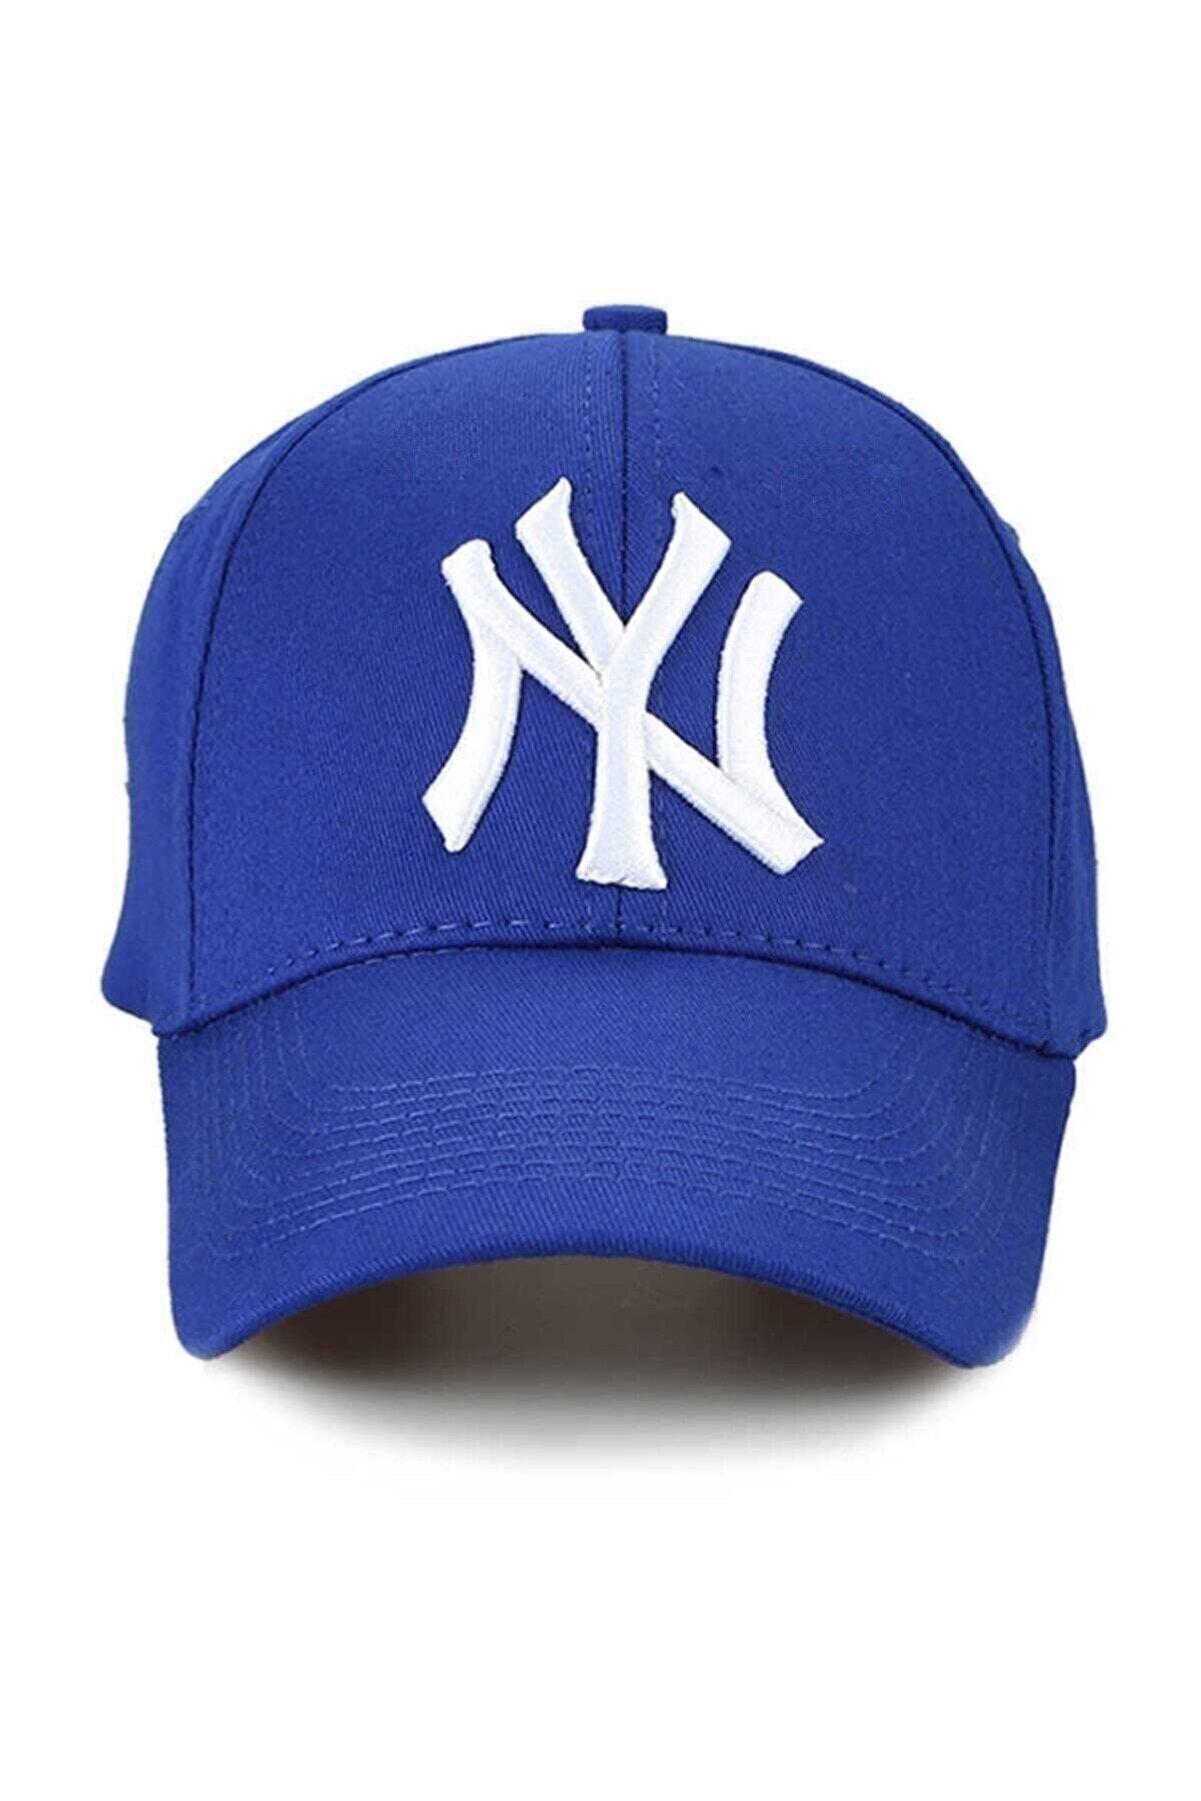 NuxFah Ny New York Şapka Unisex Saks Mavi Şapka